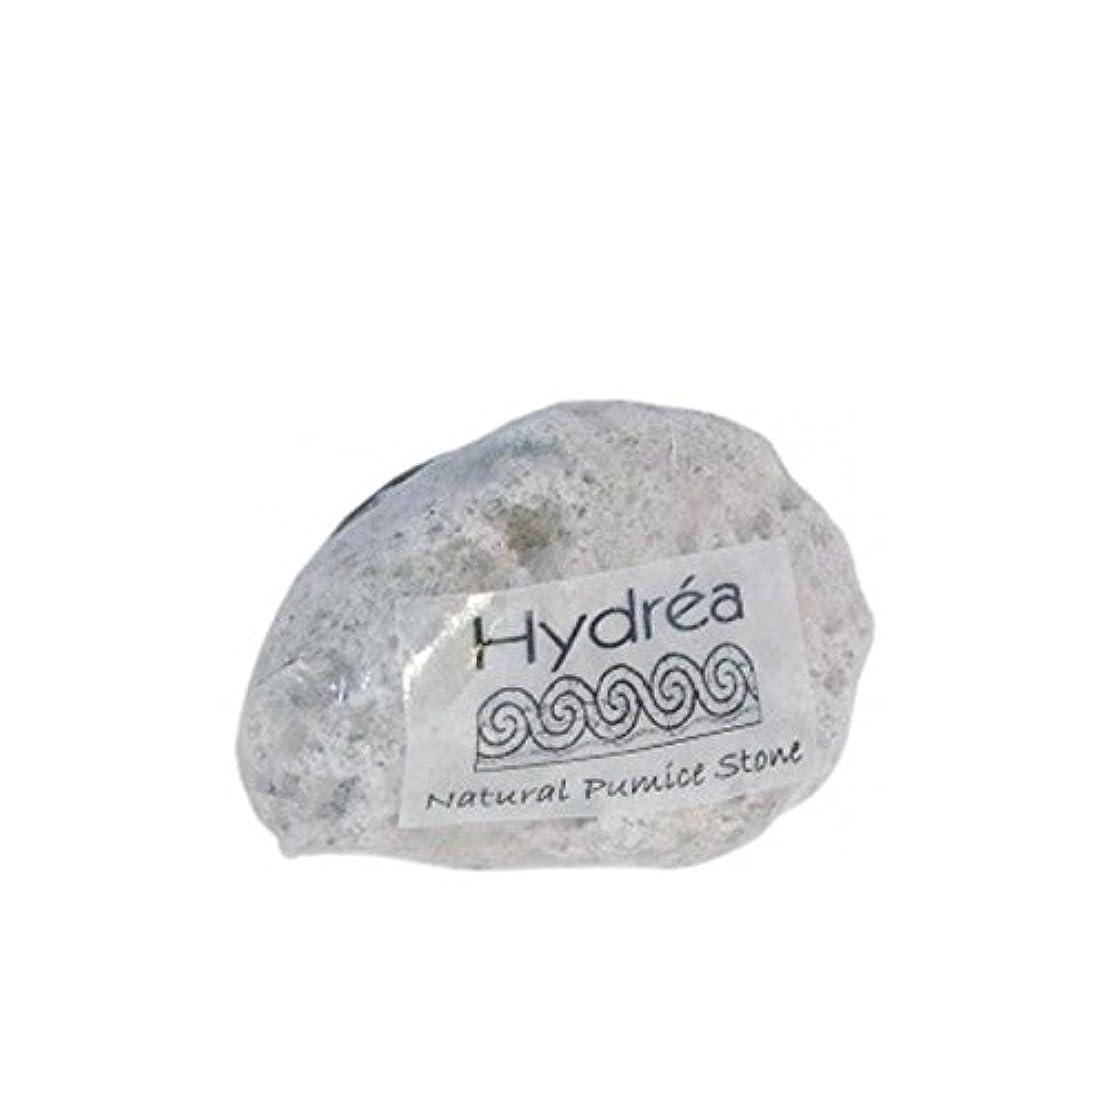 冬オーストラリアテキストHydrea London - Natural Pumice Stone (Pack of 6) - ハイドレアロンドン - 自然軽石 x6 [並行輸入品]